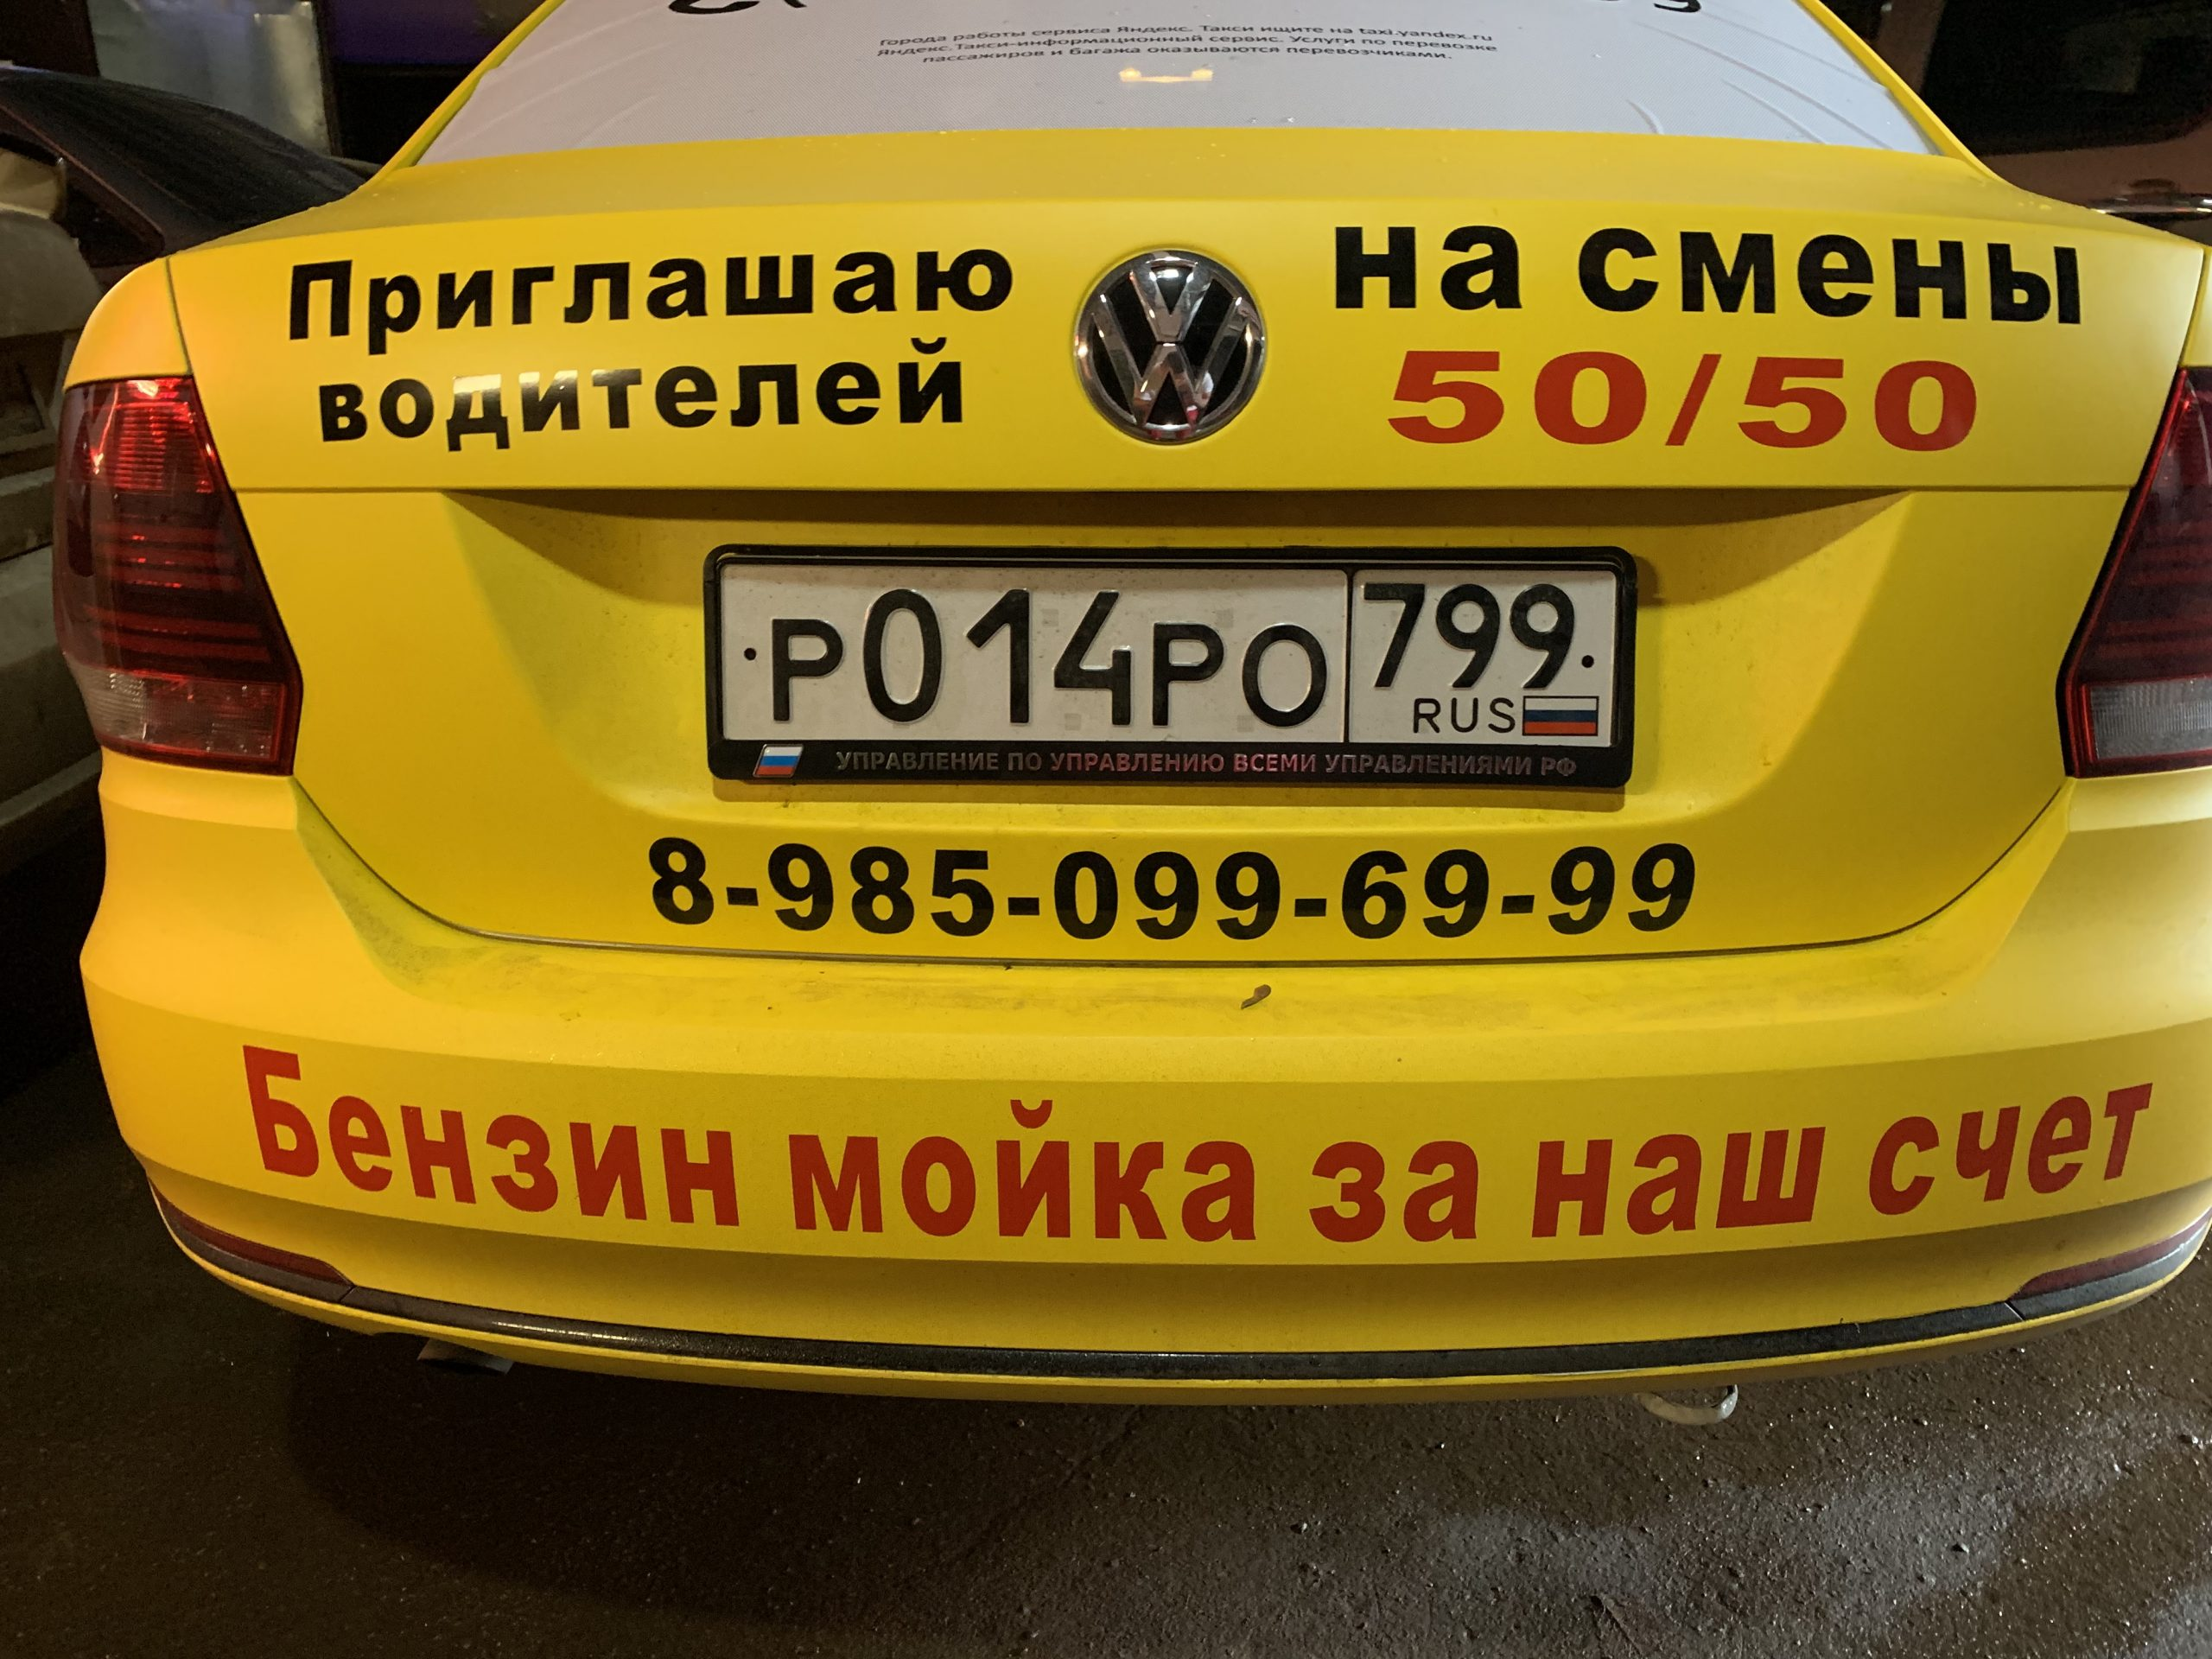 Таксопарк31